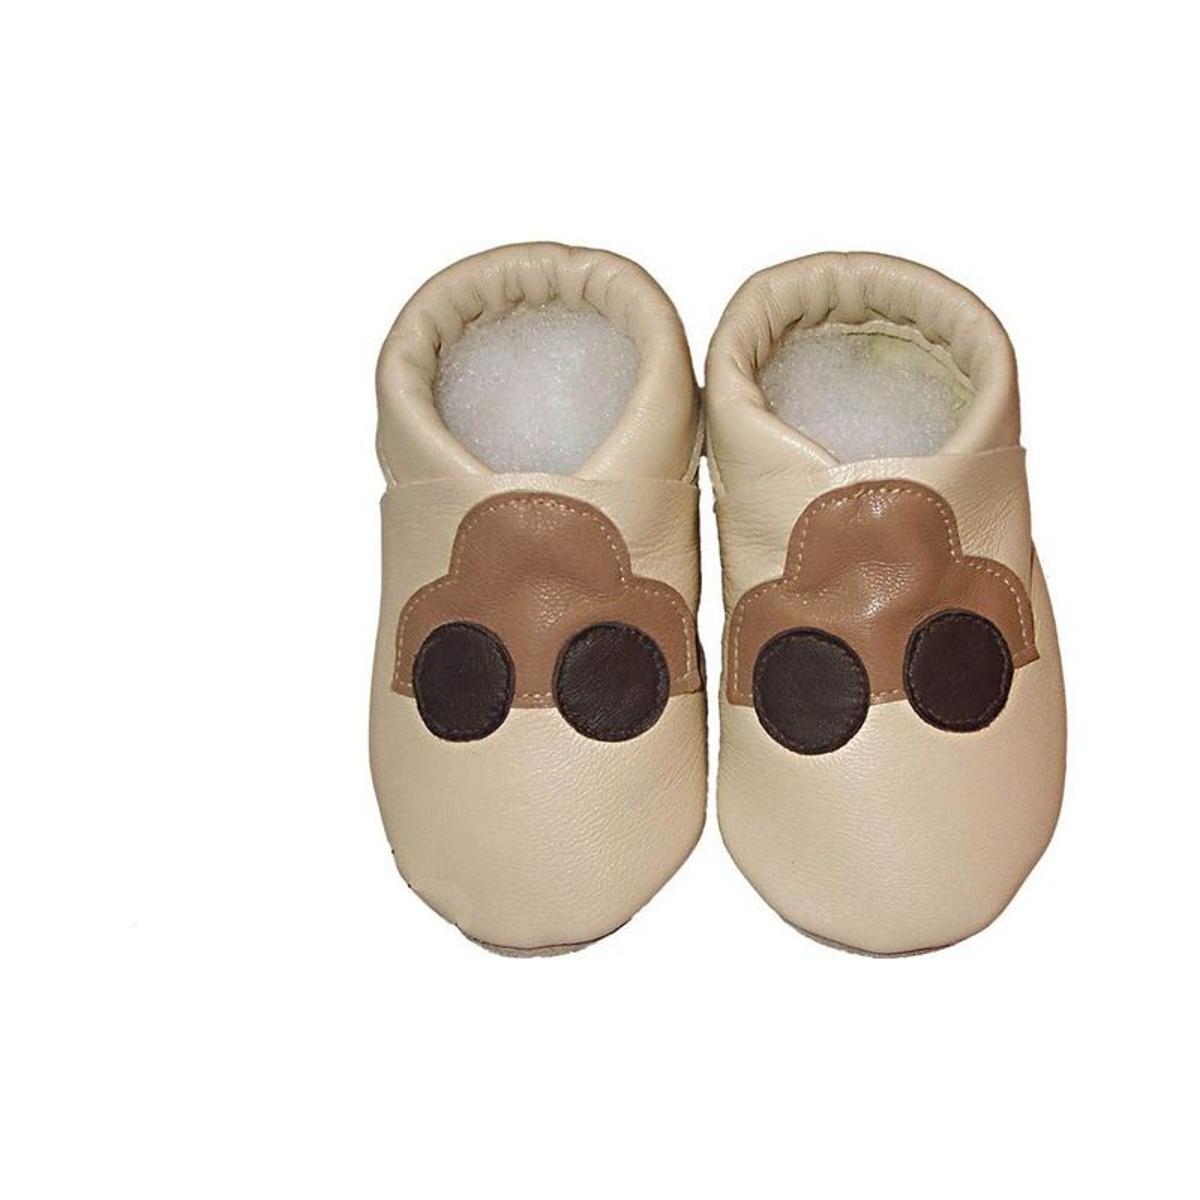 Chaussons bébé cuir beige